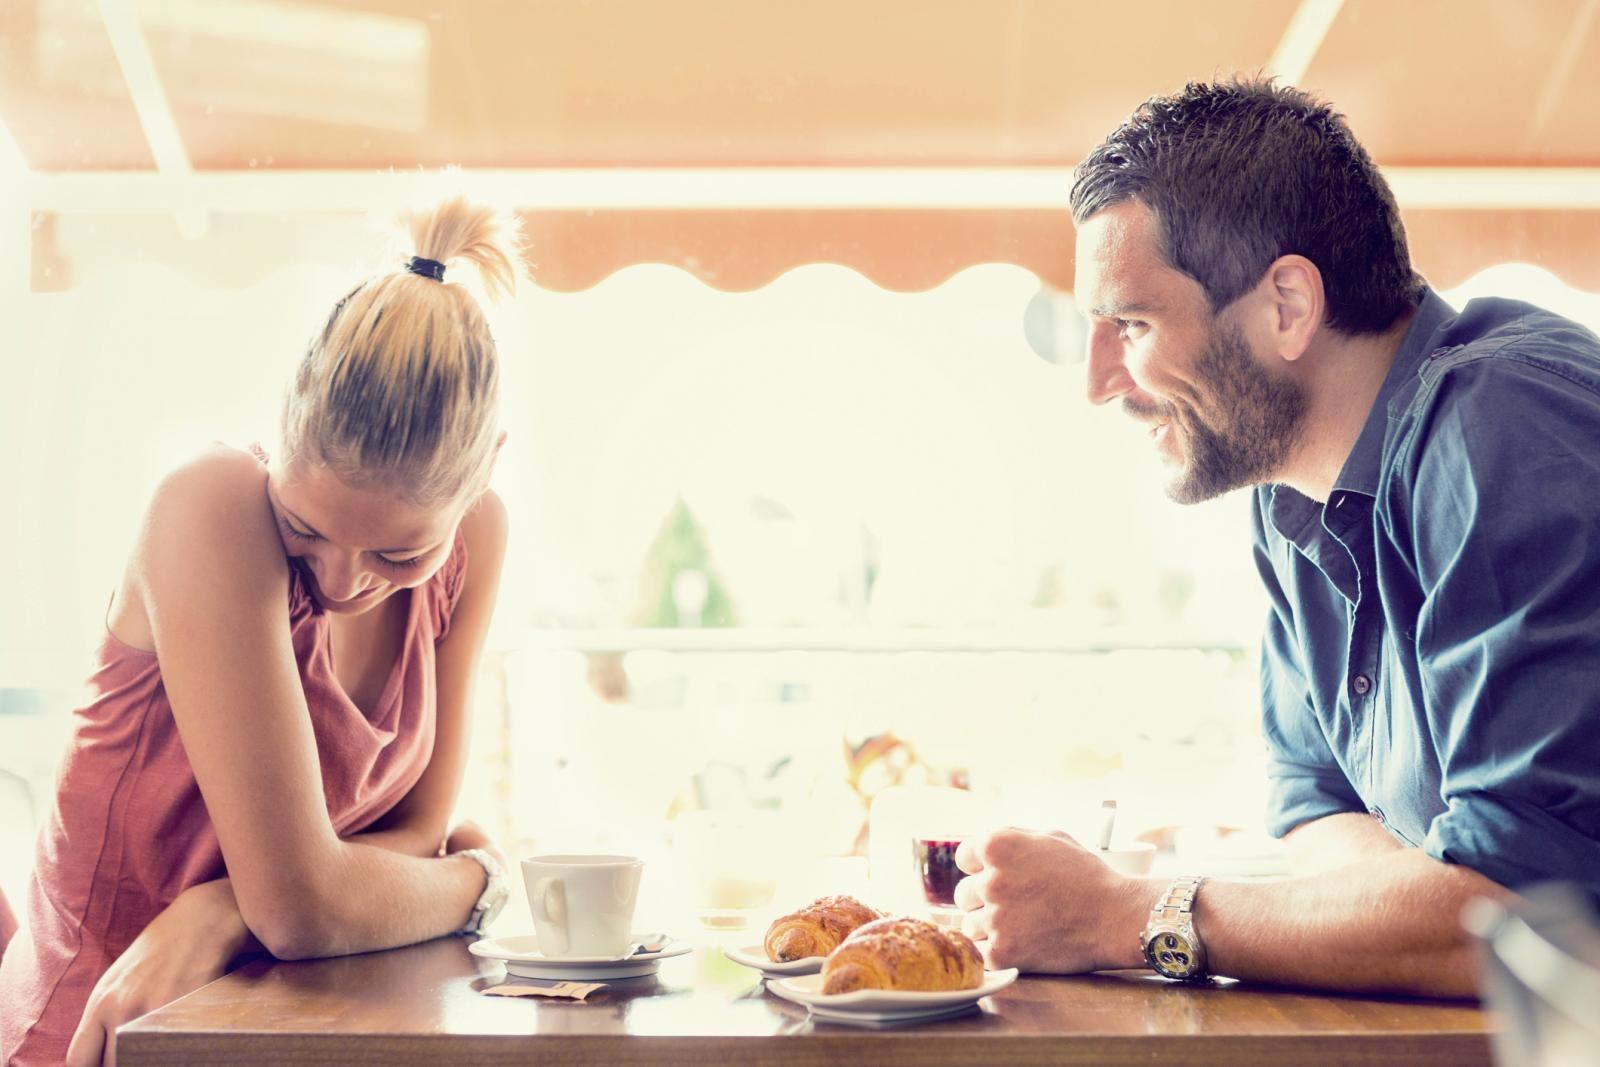 Trò chuyện tự nhiên, nói về những điều vui vẻ